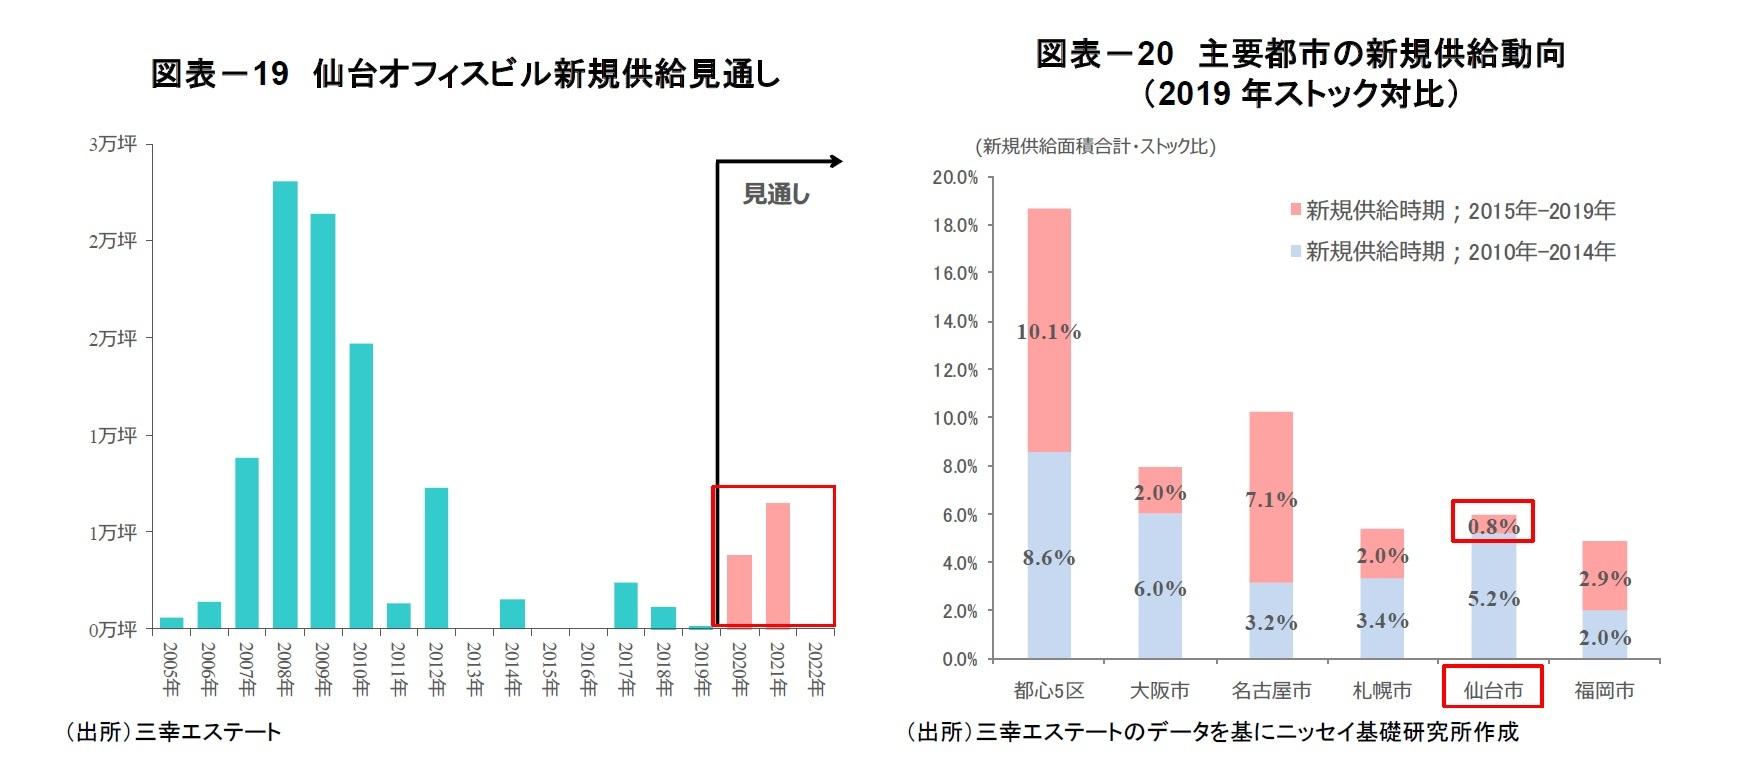 図表-19 仙台オフィスビル新規供給見通し/図表-20 主要都市の新規供給動向(2019 年ストック対比)